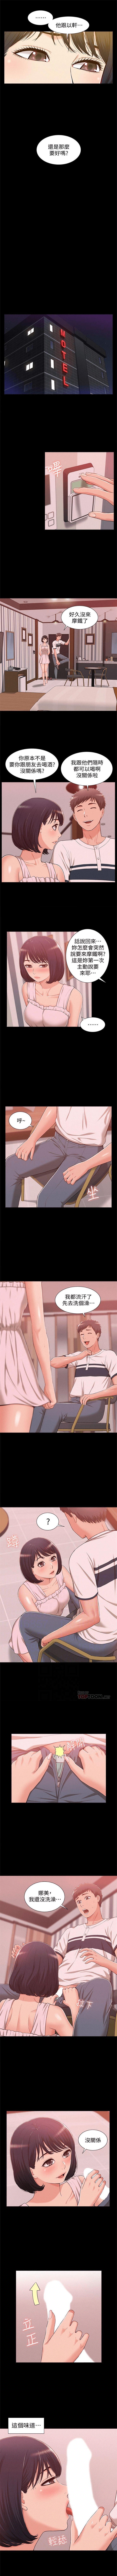 (周4)难言之隐 1-20 中文翻译(更新中) 51